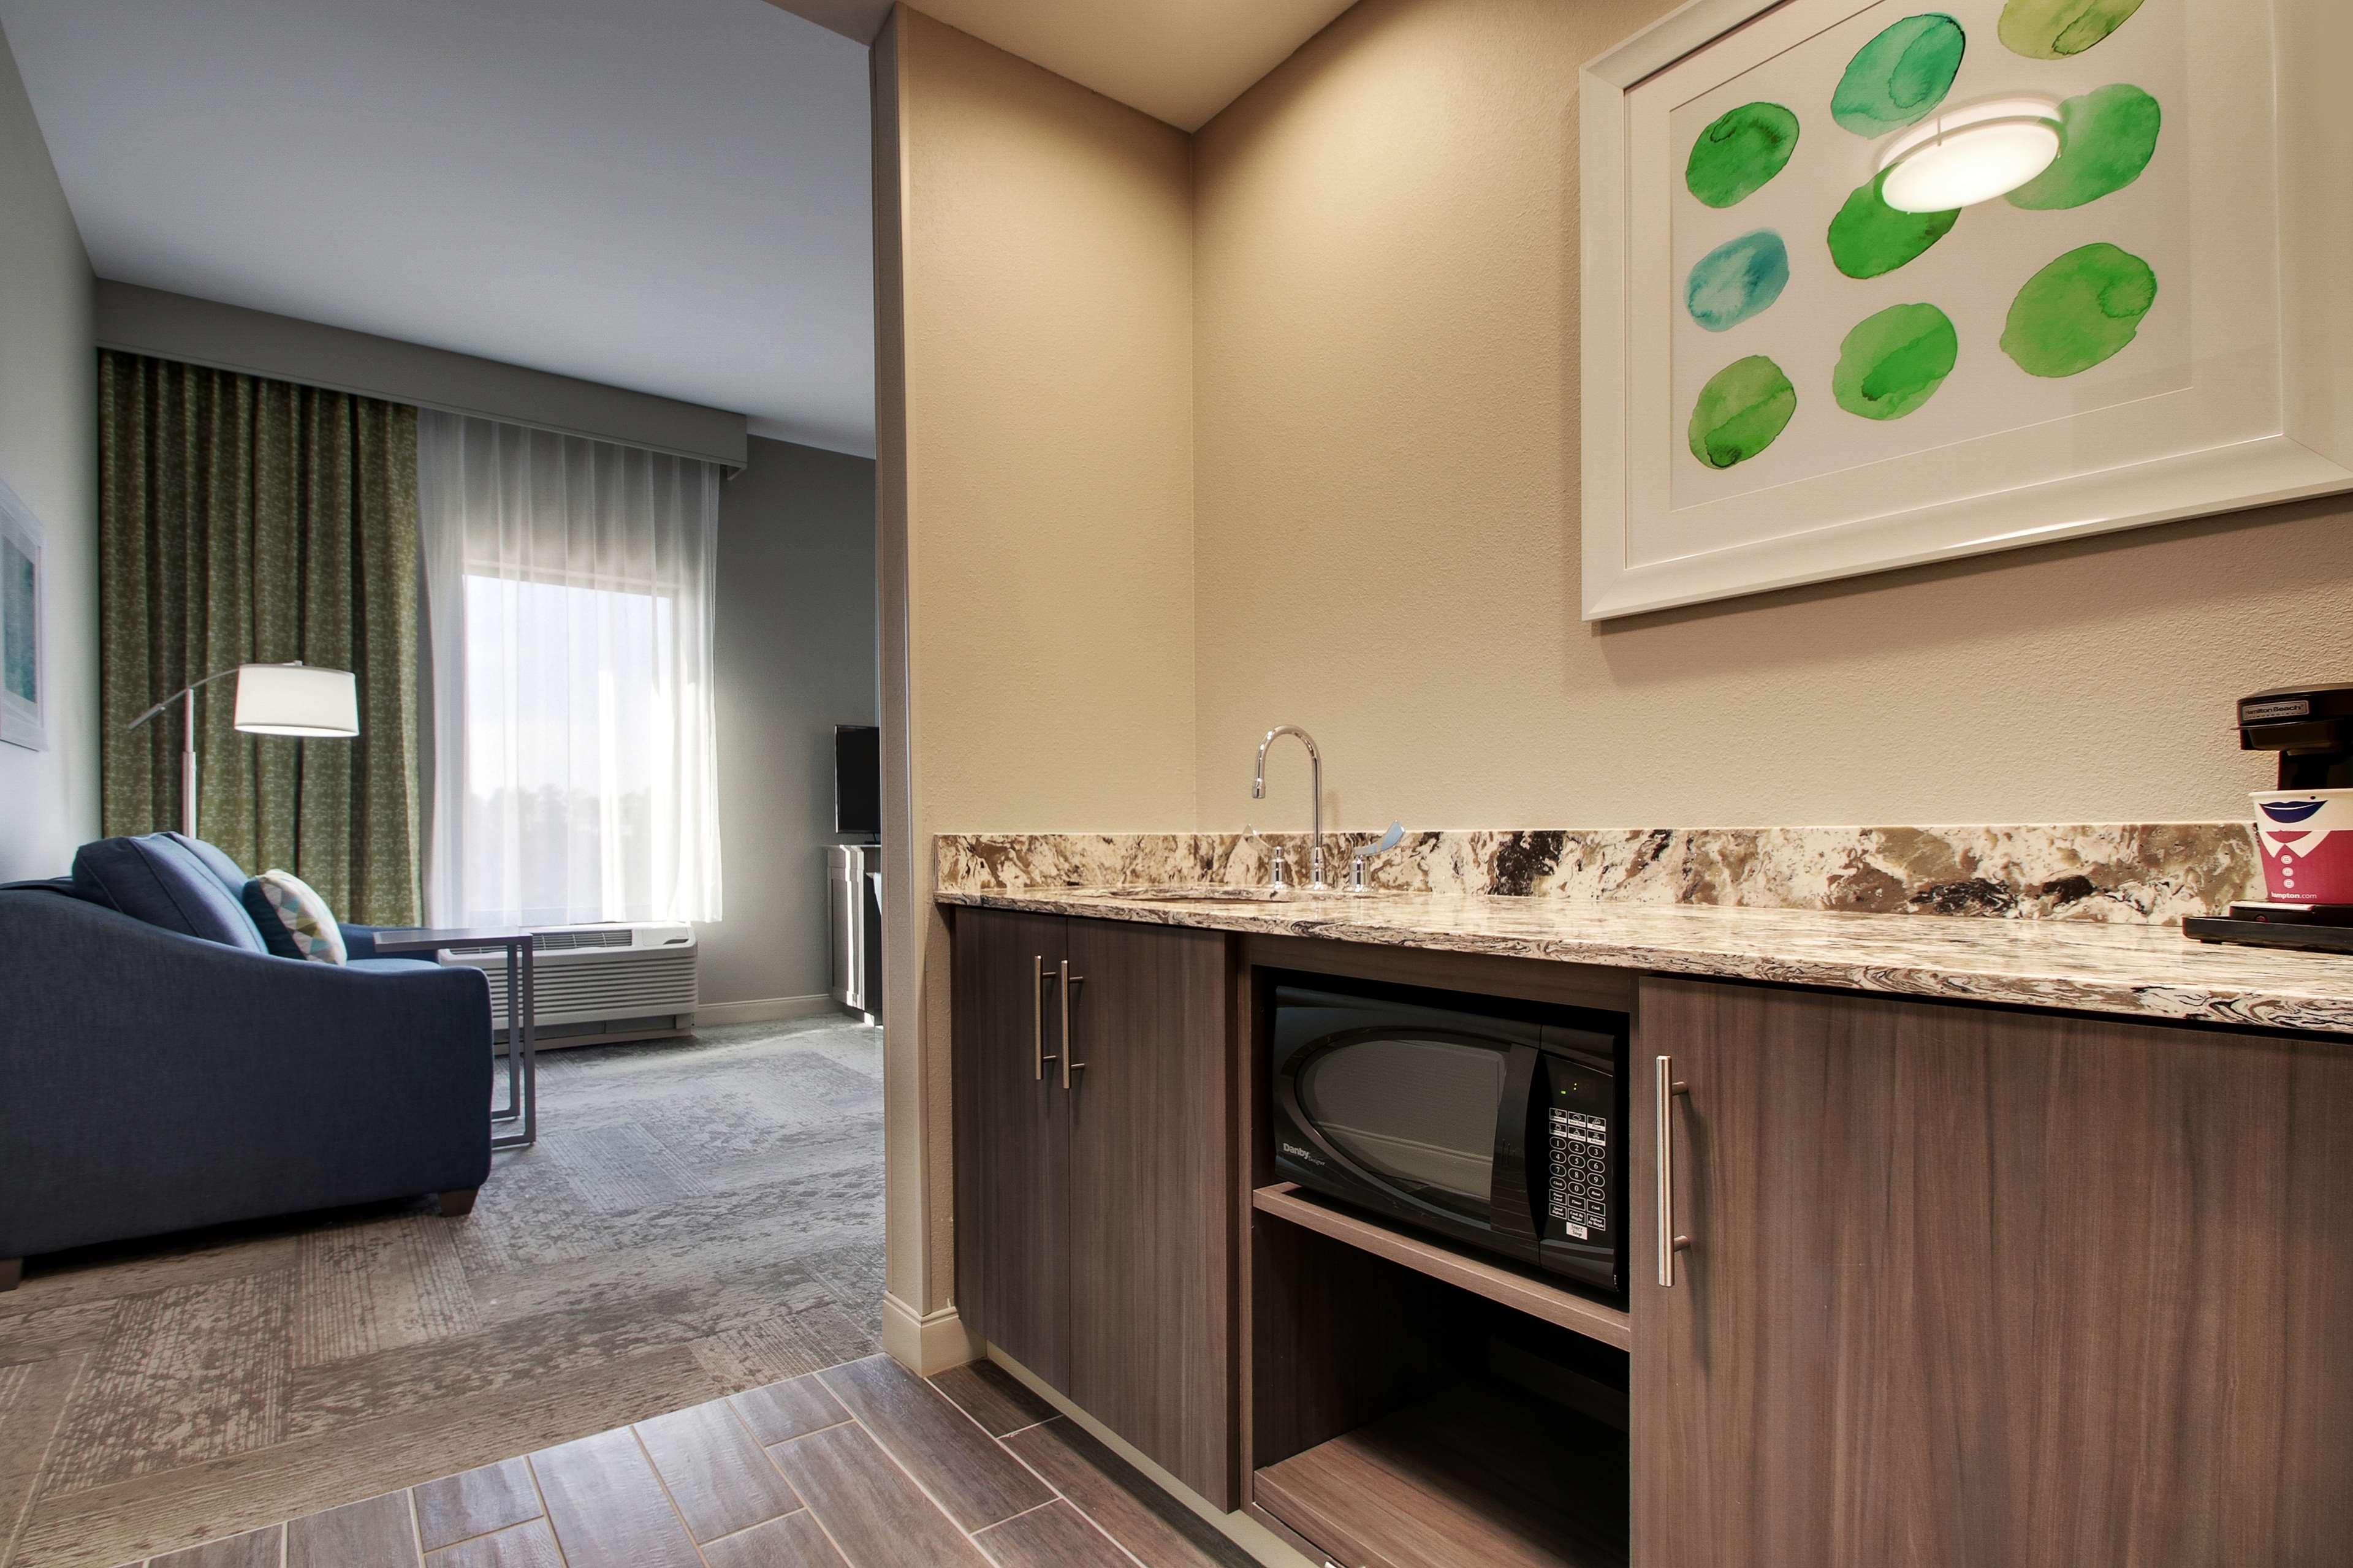 Hampton Inn & Suites Knightdale Raleigh image 36